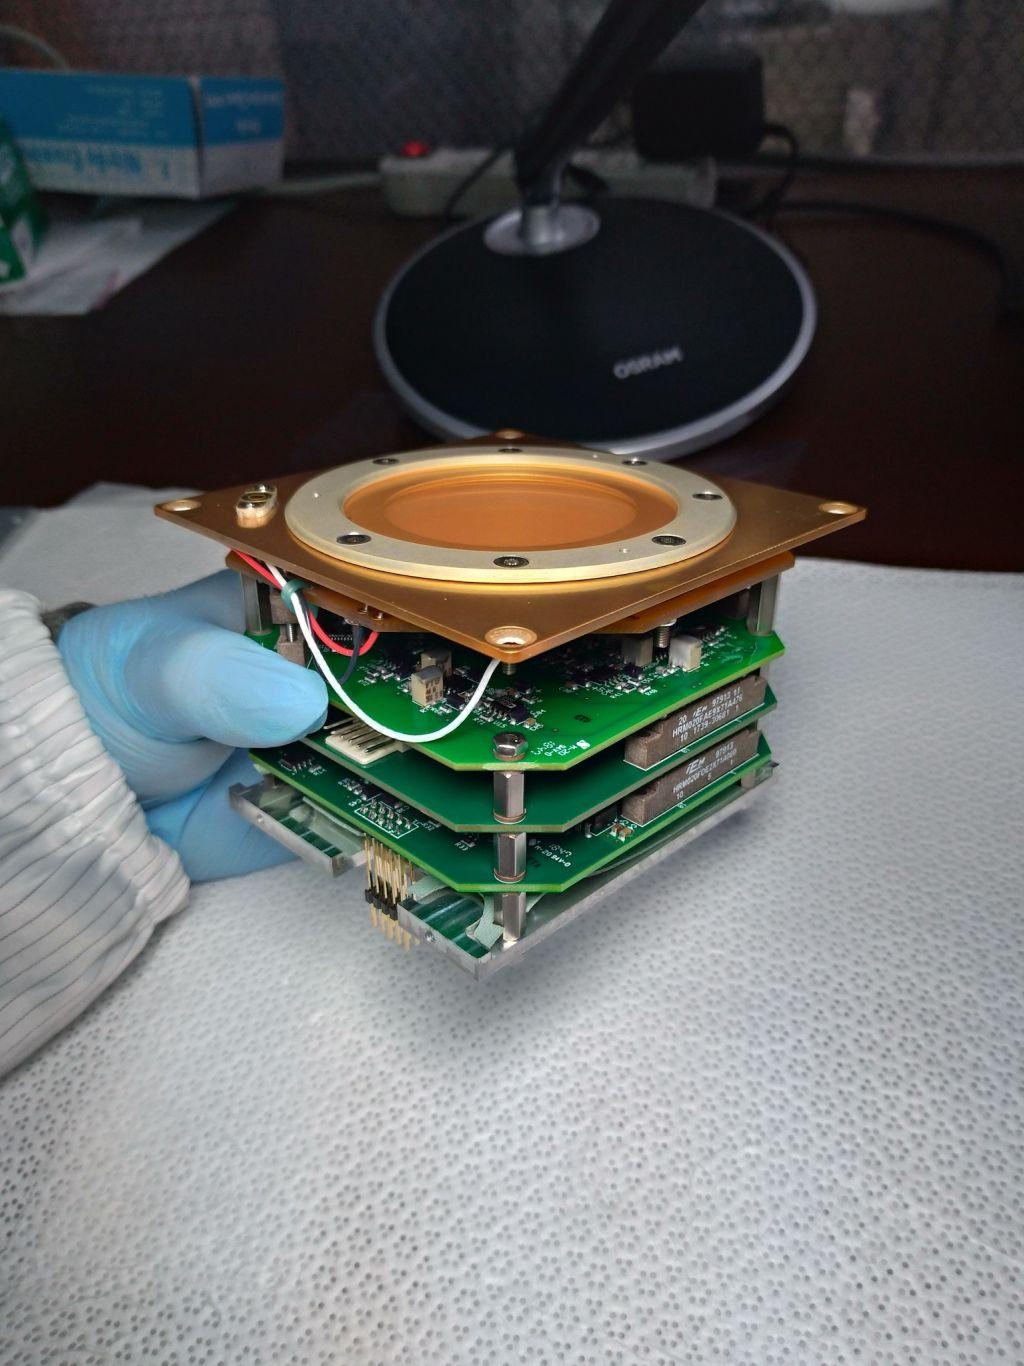 Compact Ionospheric Probe